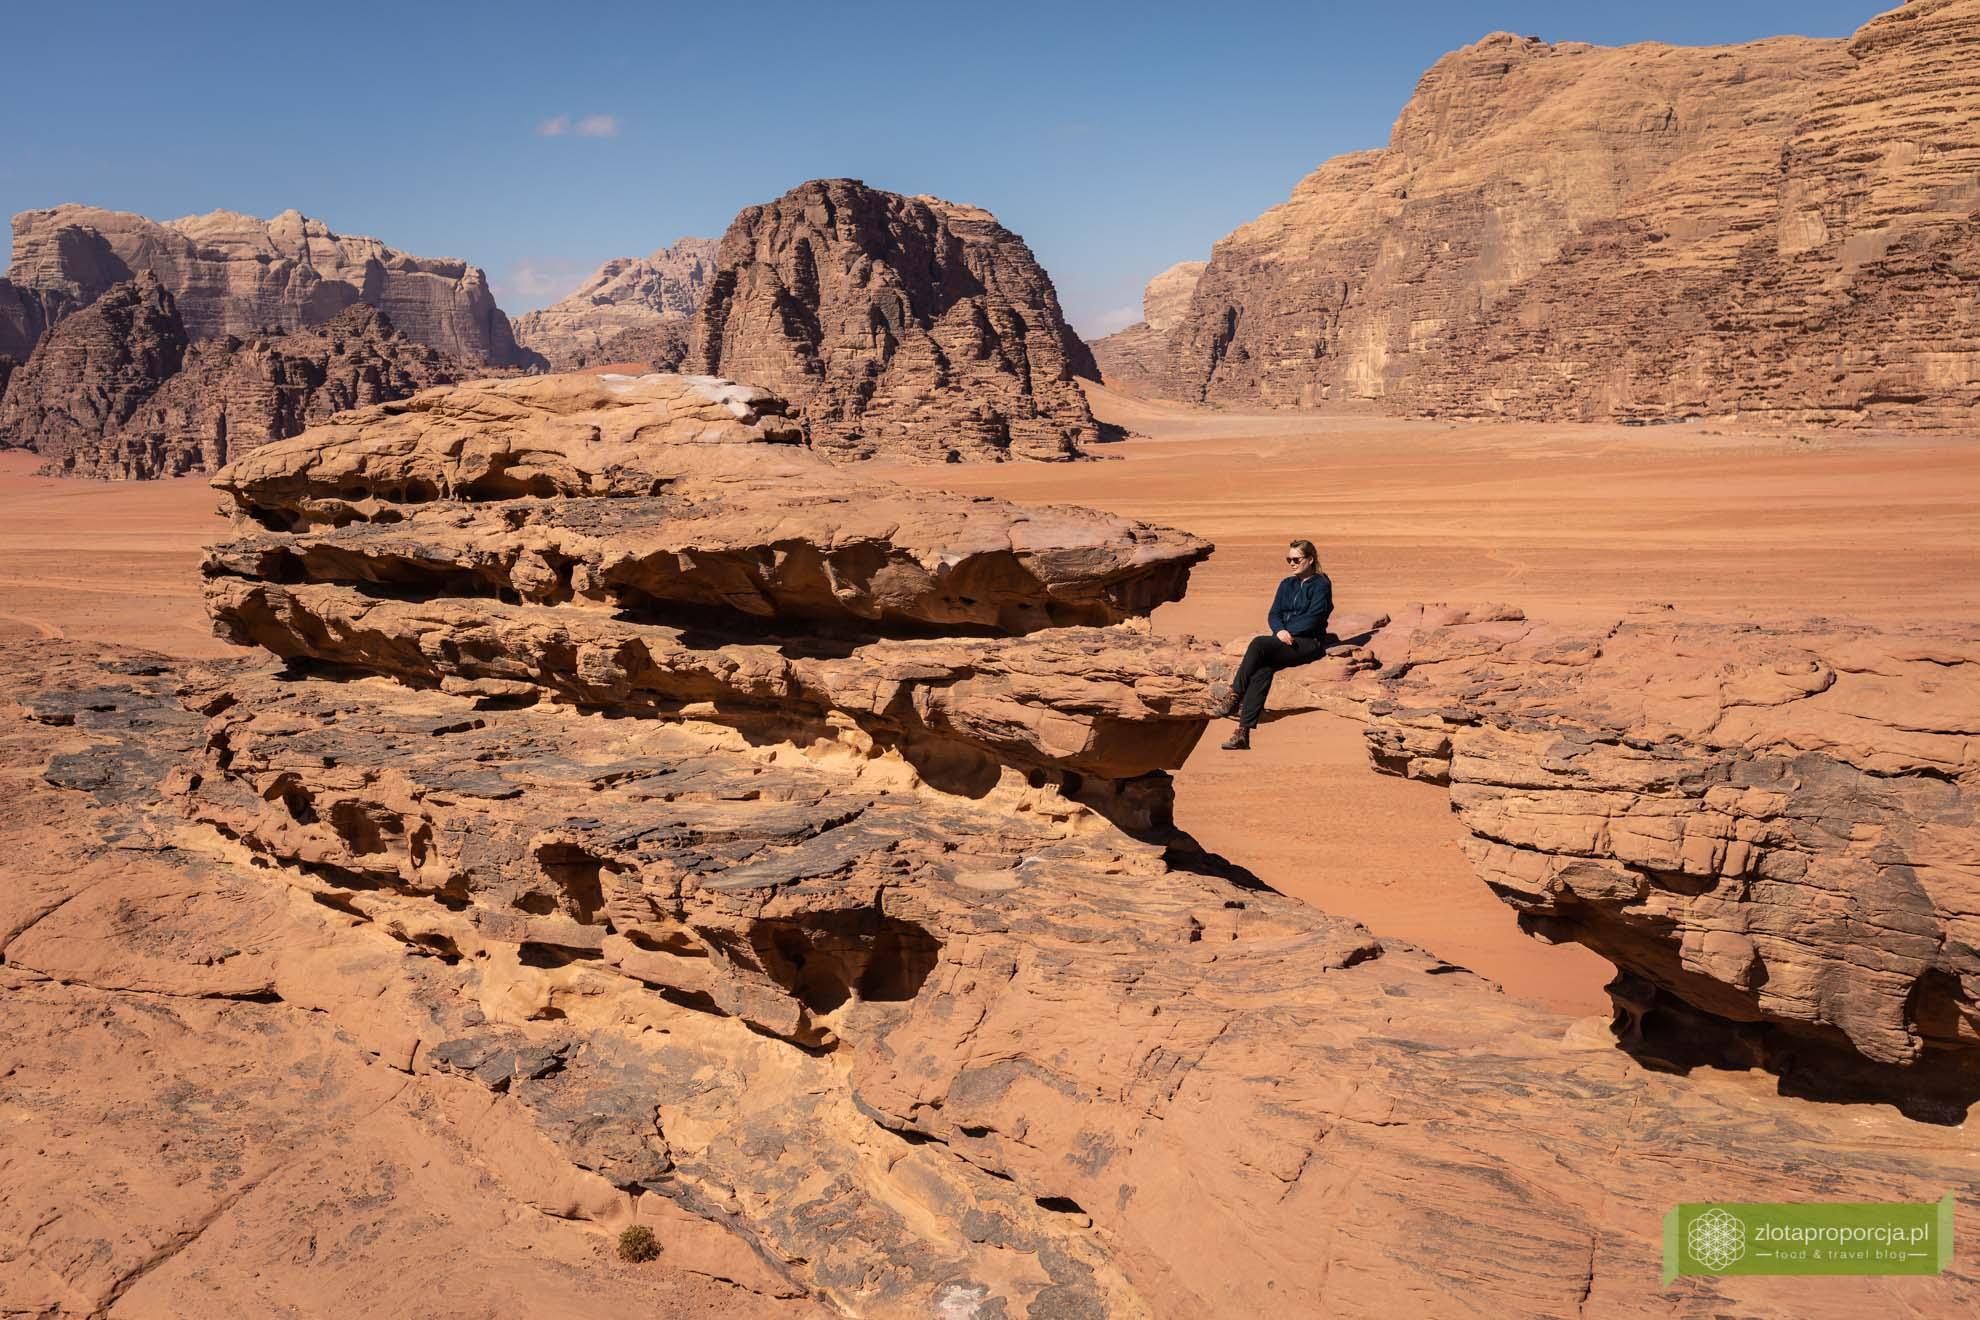 Wadi Rum, pustynia Wadi Rum, Jordania, pustynia Jordania; Wadi rum wycieczka, Wadi Rum zwiedzanie, Jordania atrakcje; Mały łuk skalny;